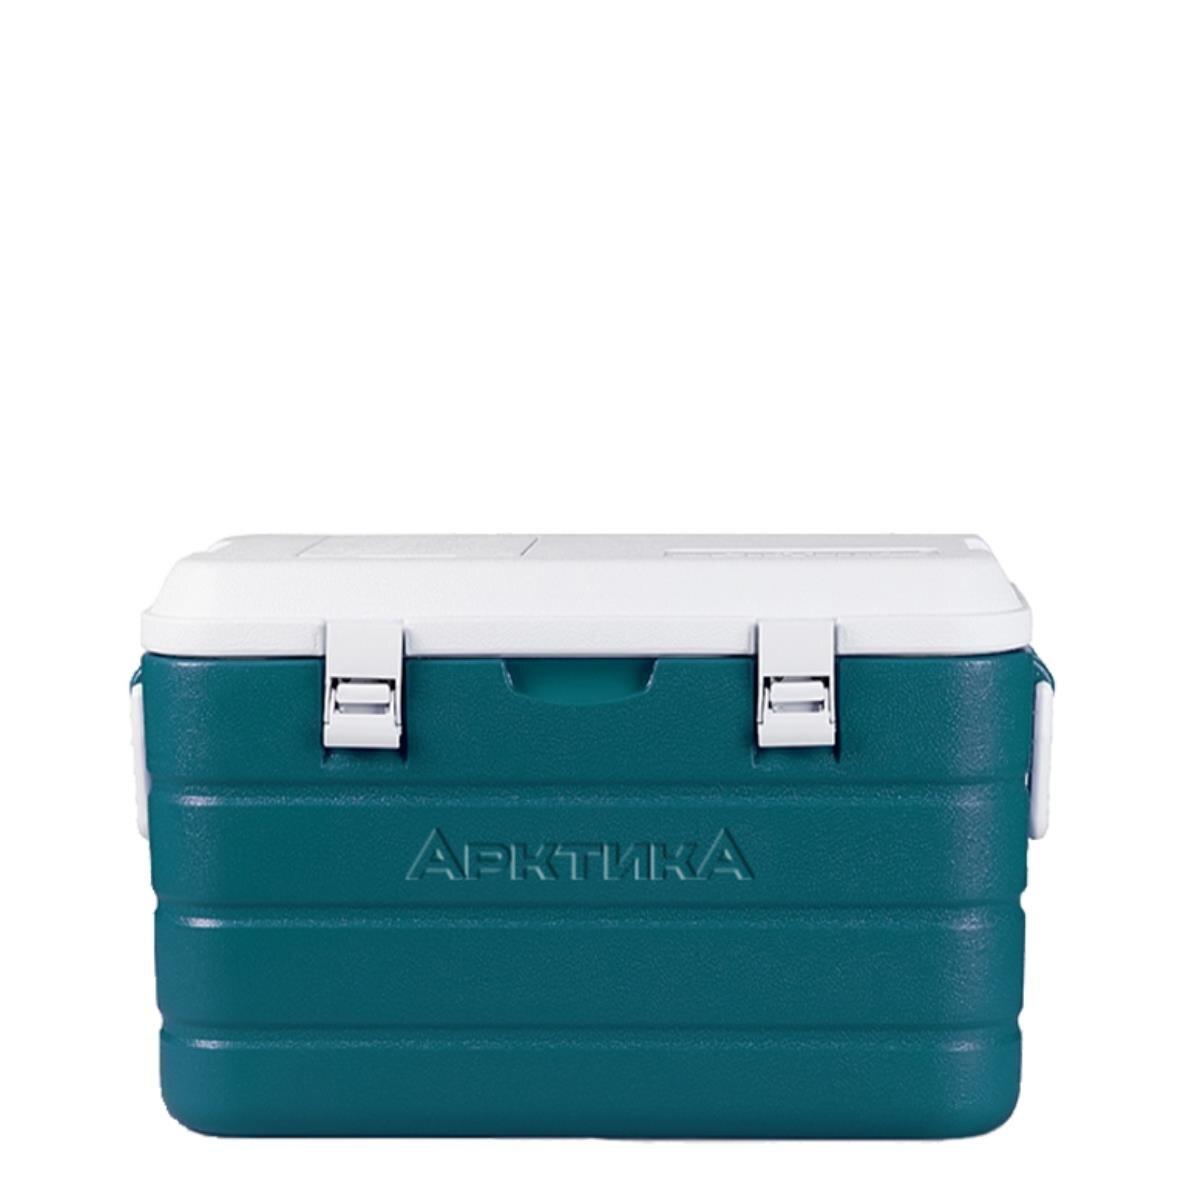 Isothermal Container 40 Liters Aquamarine (2000-40) Arctic